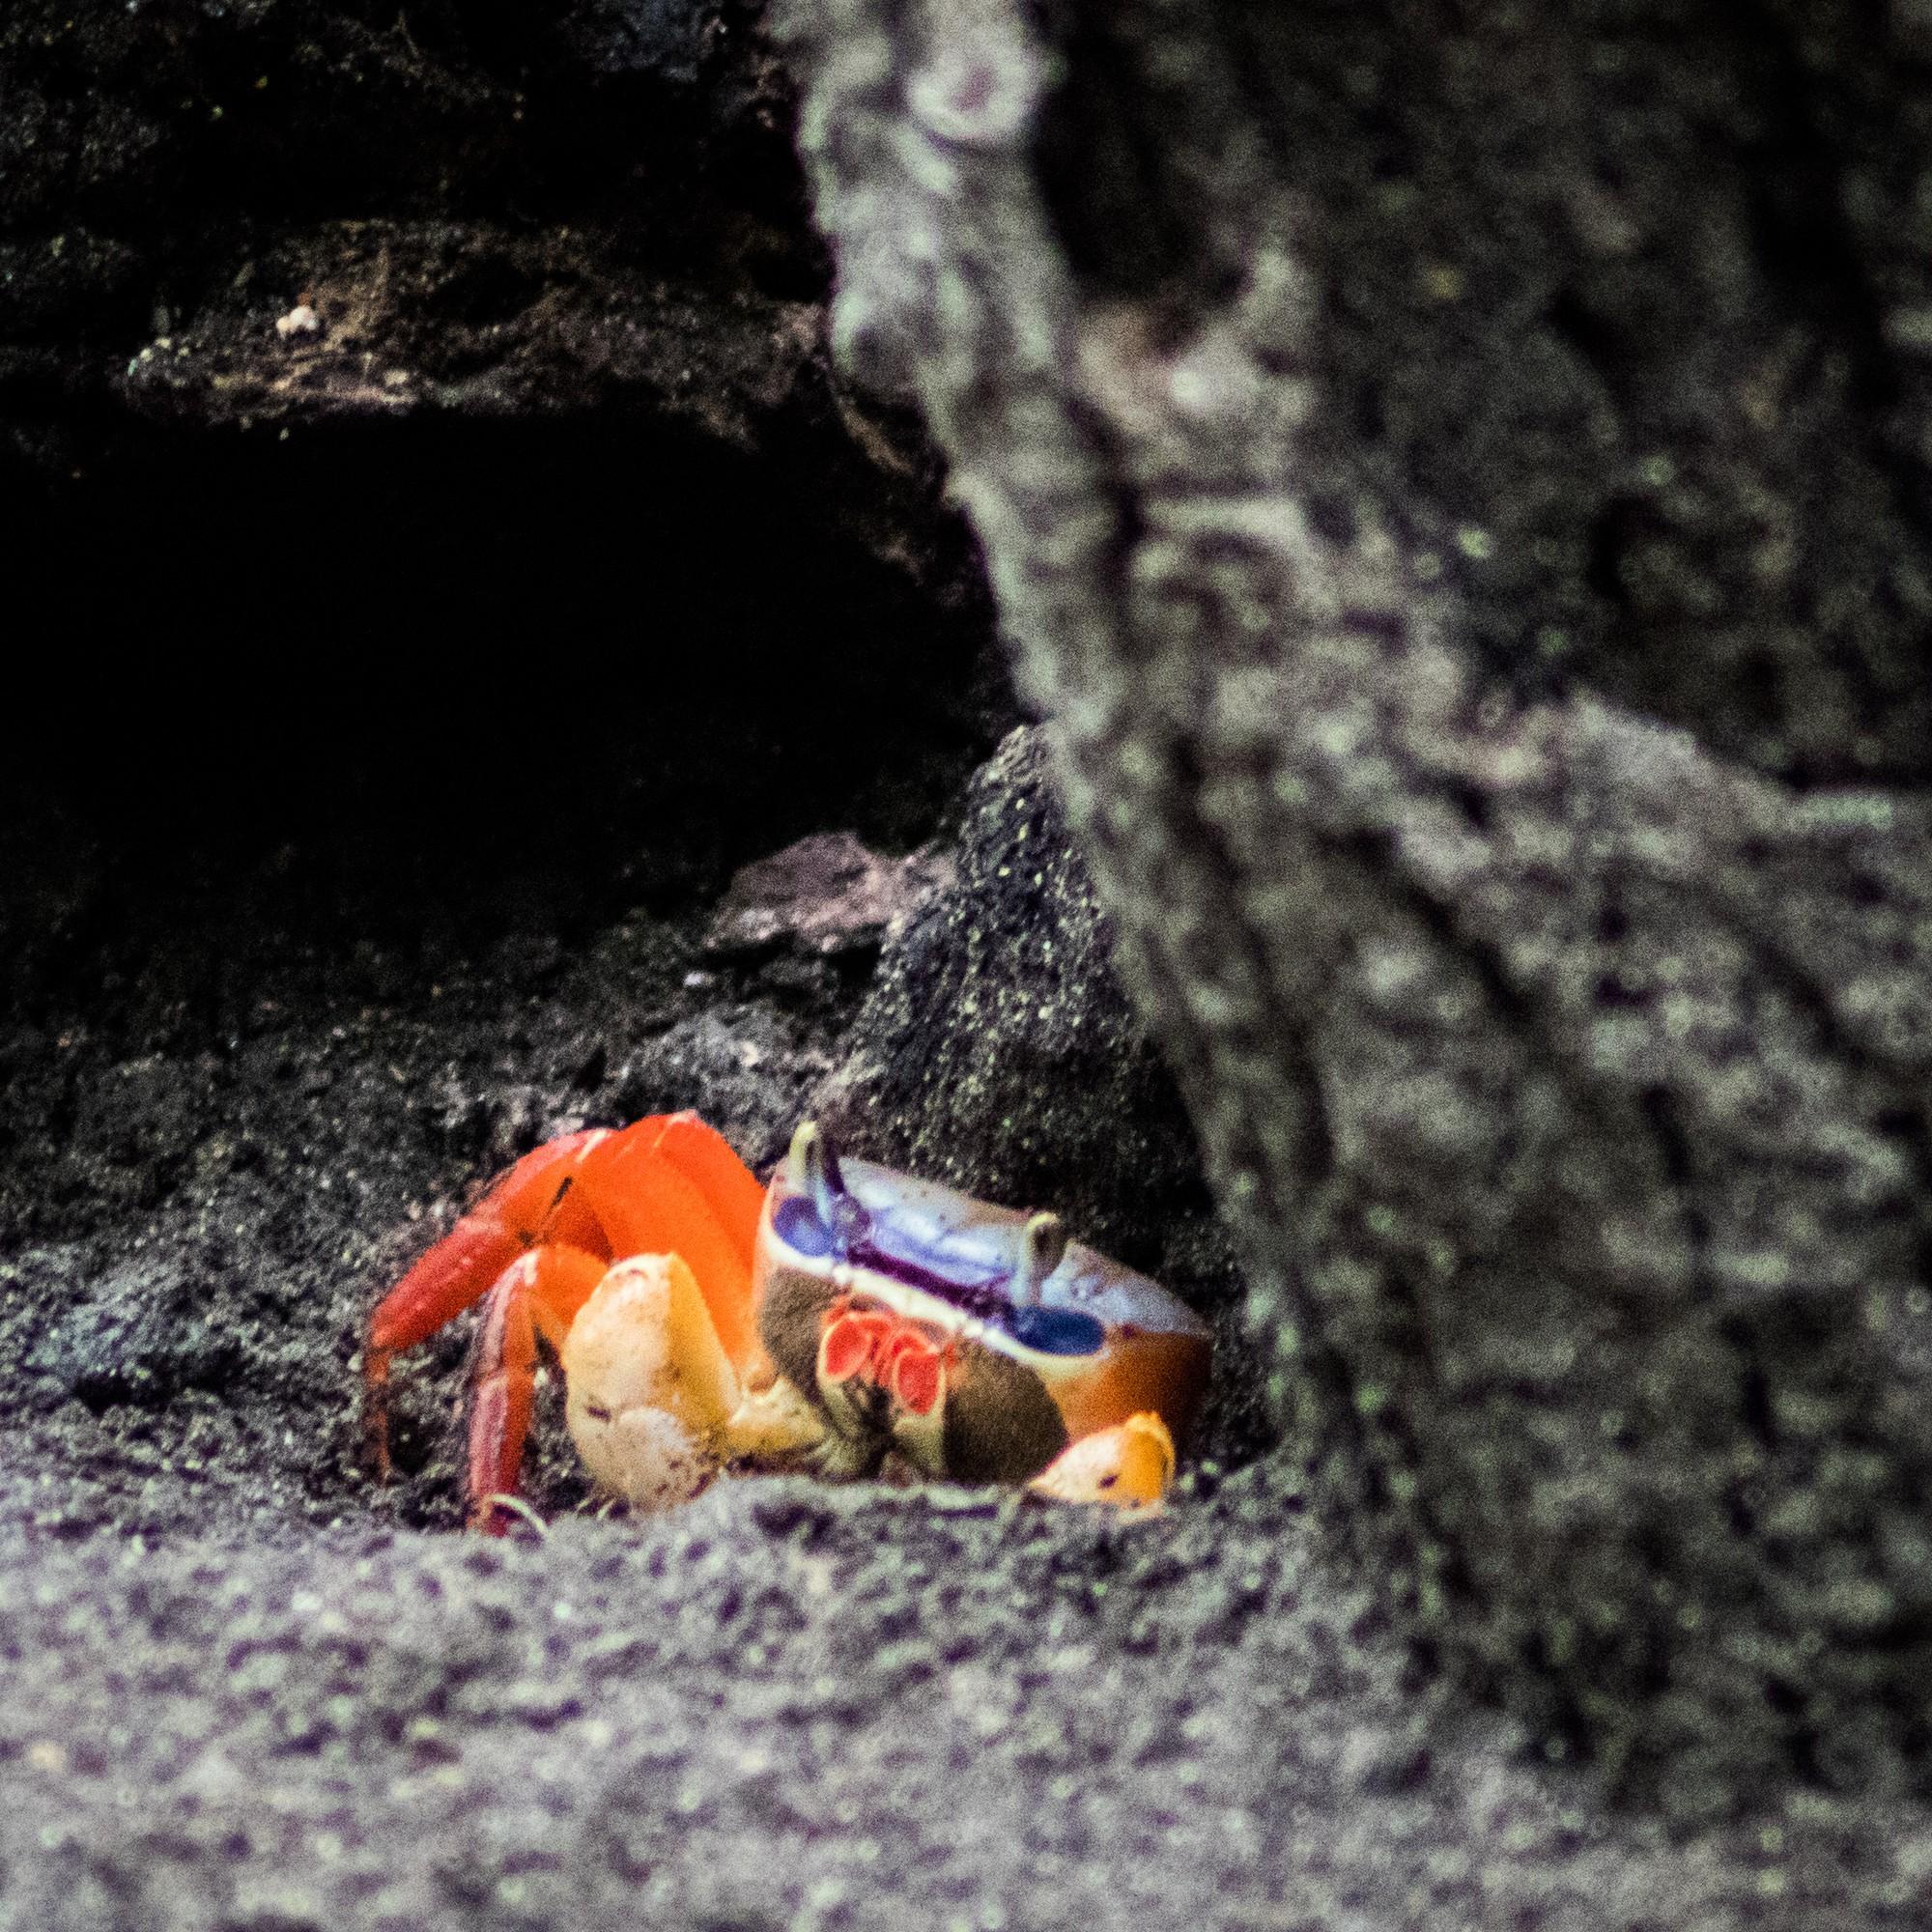 Four Seasons Costa Rica mangrove tour crab